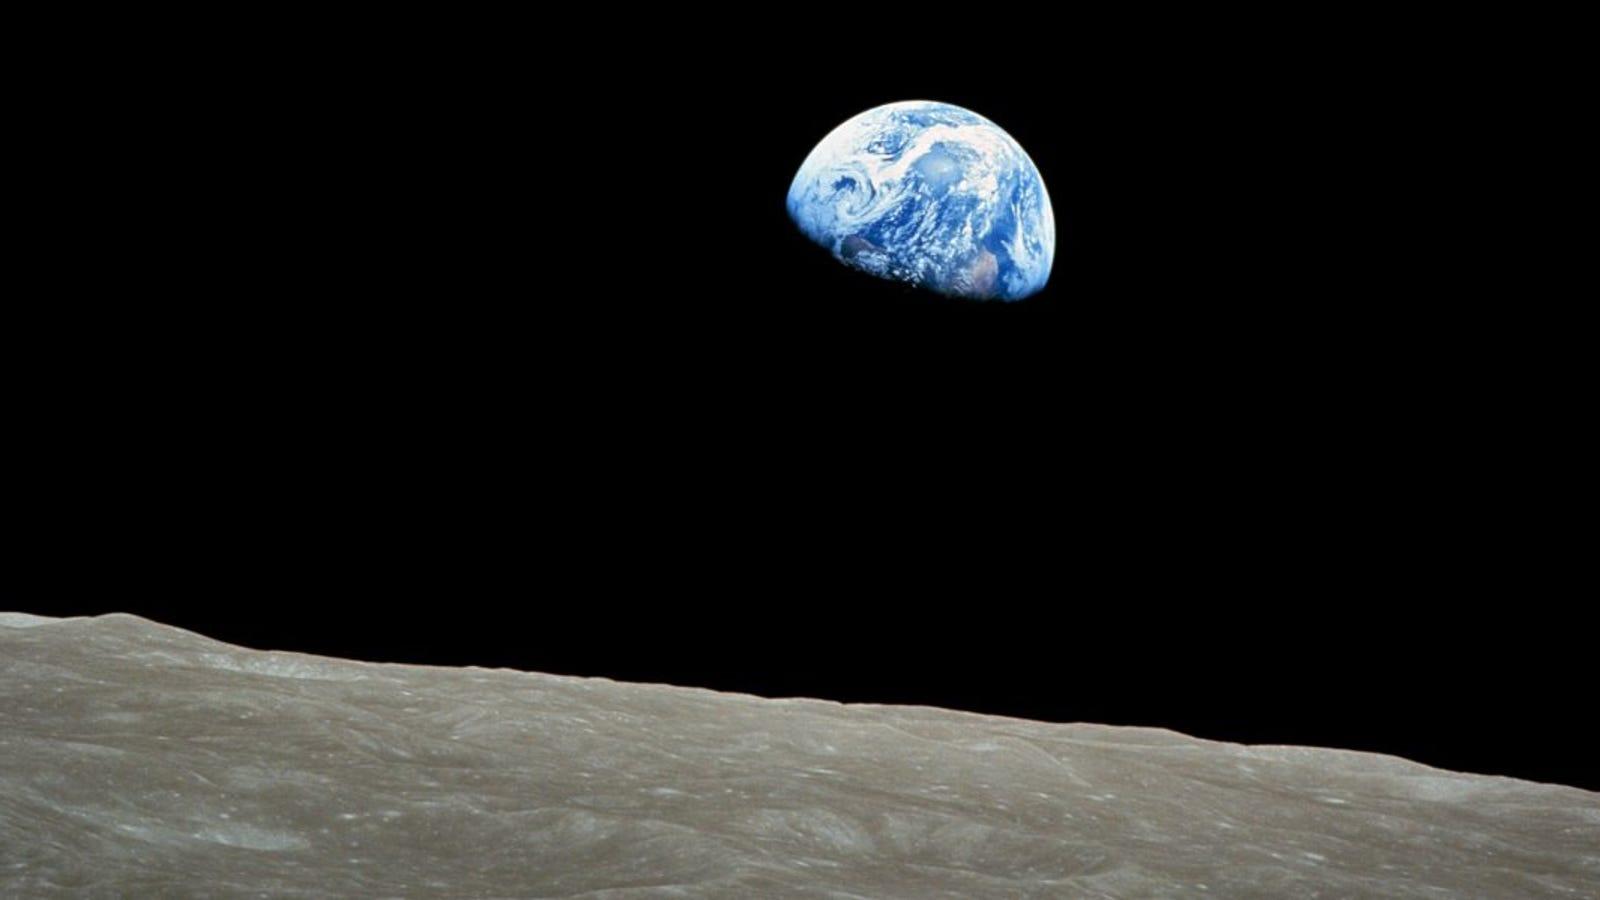 50 años de Earthrise: cómo se hizo la icónica imagen que cambió nuestra percepción de la Tierra